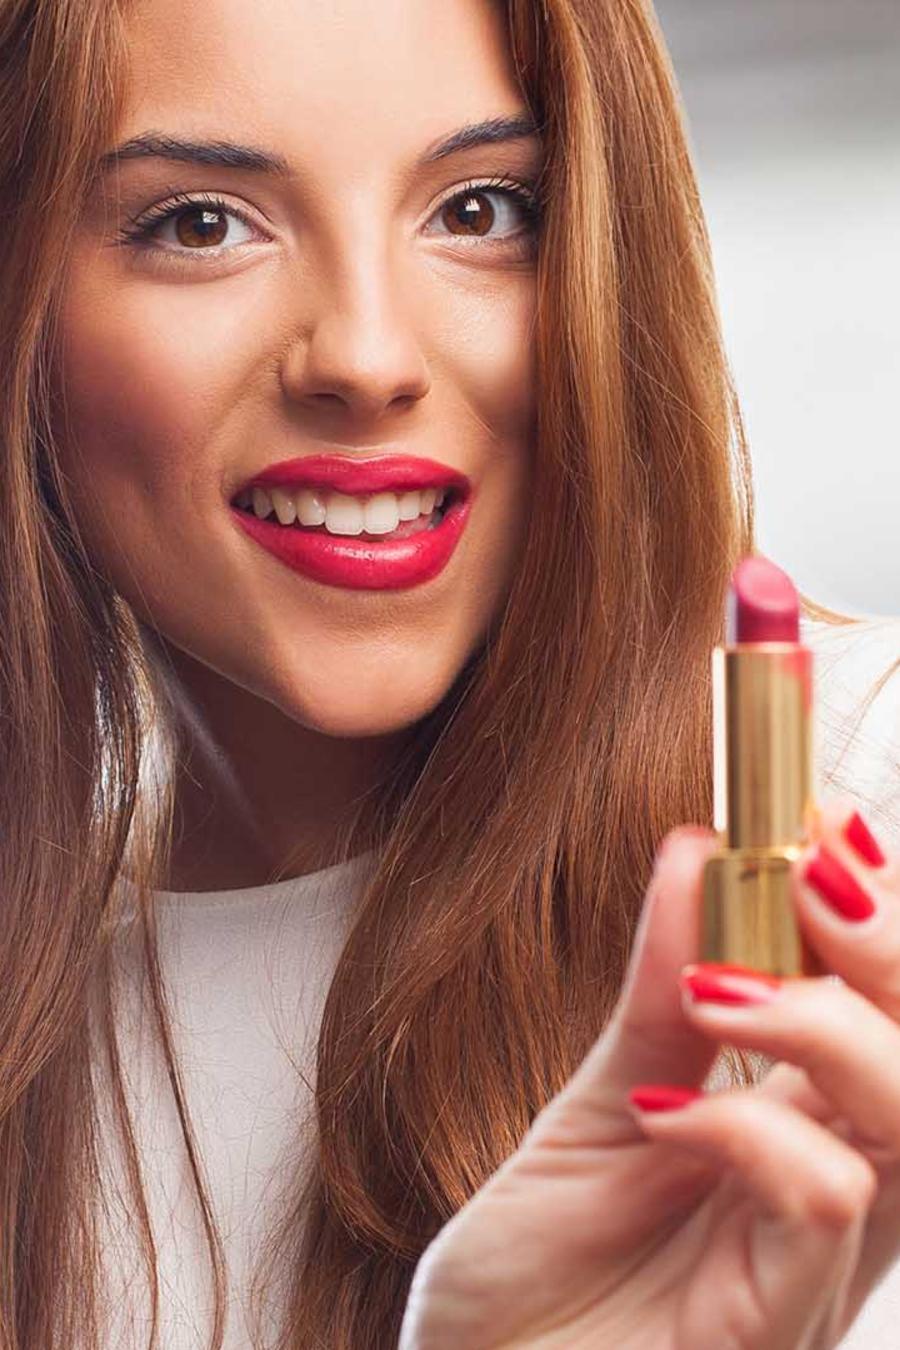 mujer con labios rojos sosteniendo un labial